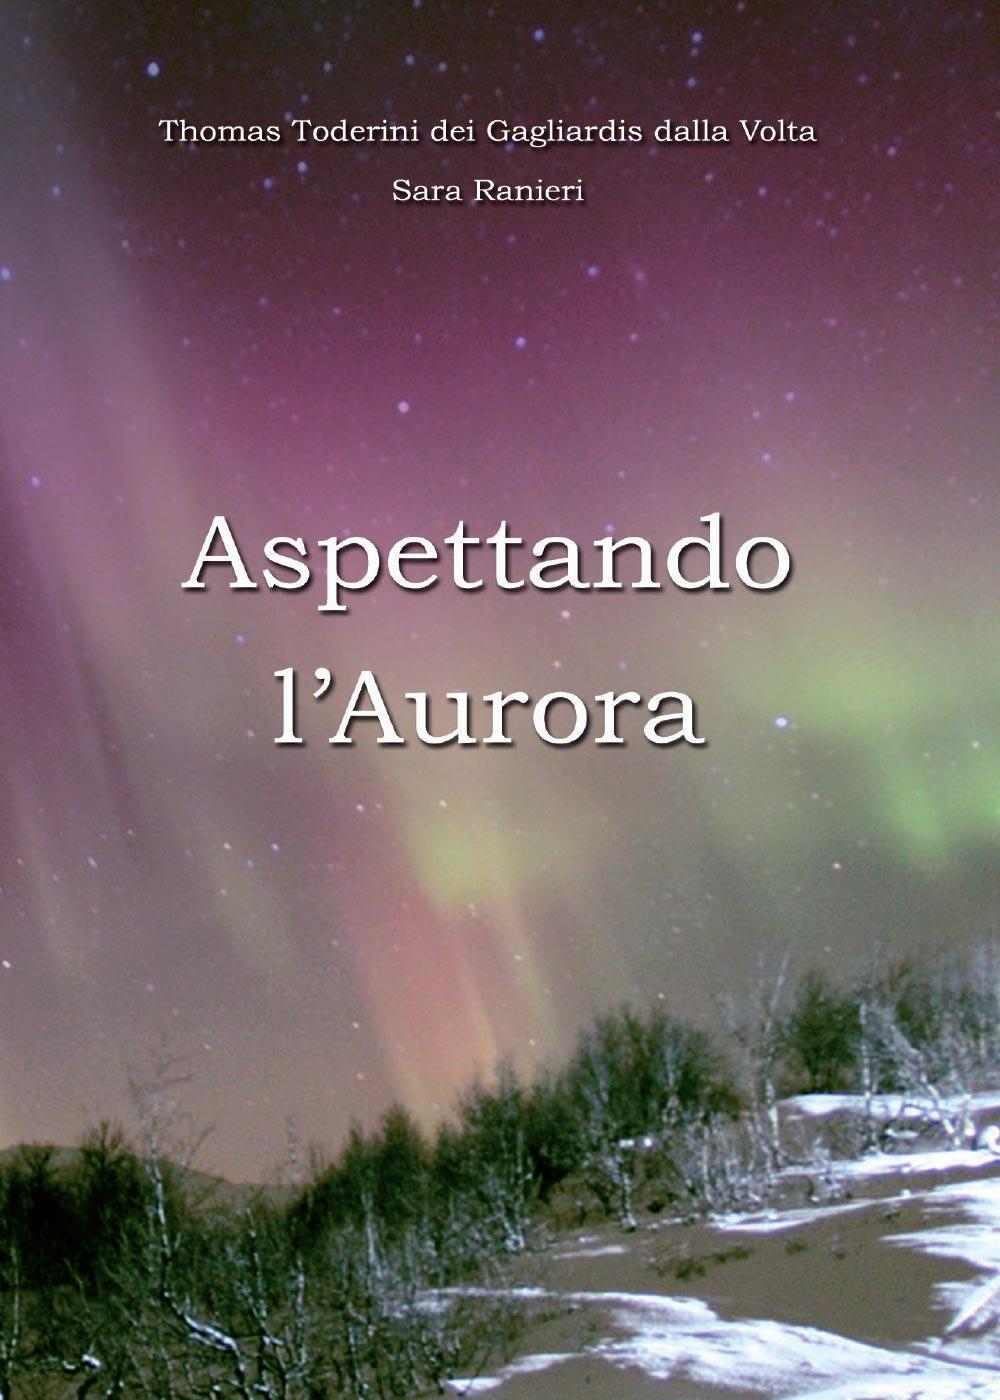 Aspettando l'Aurora